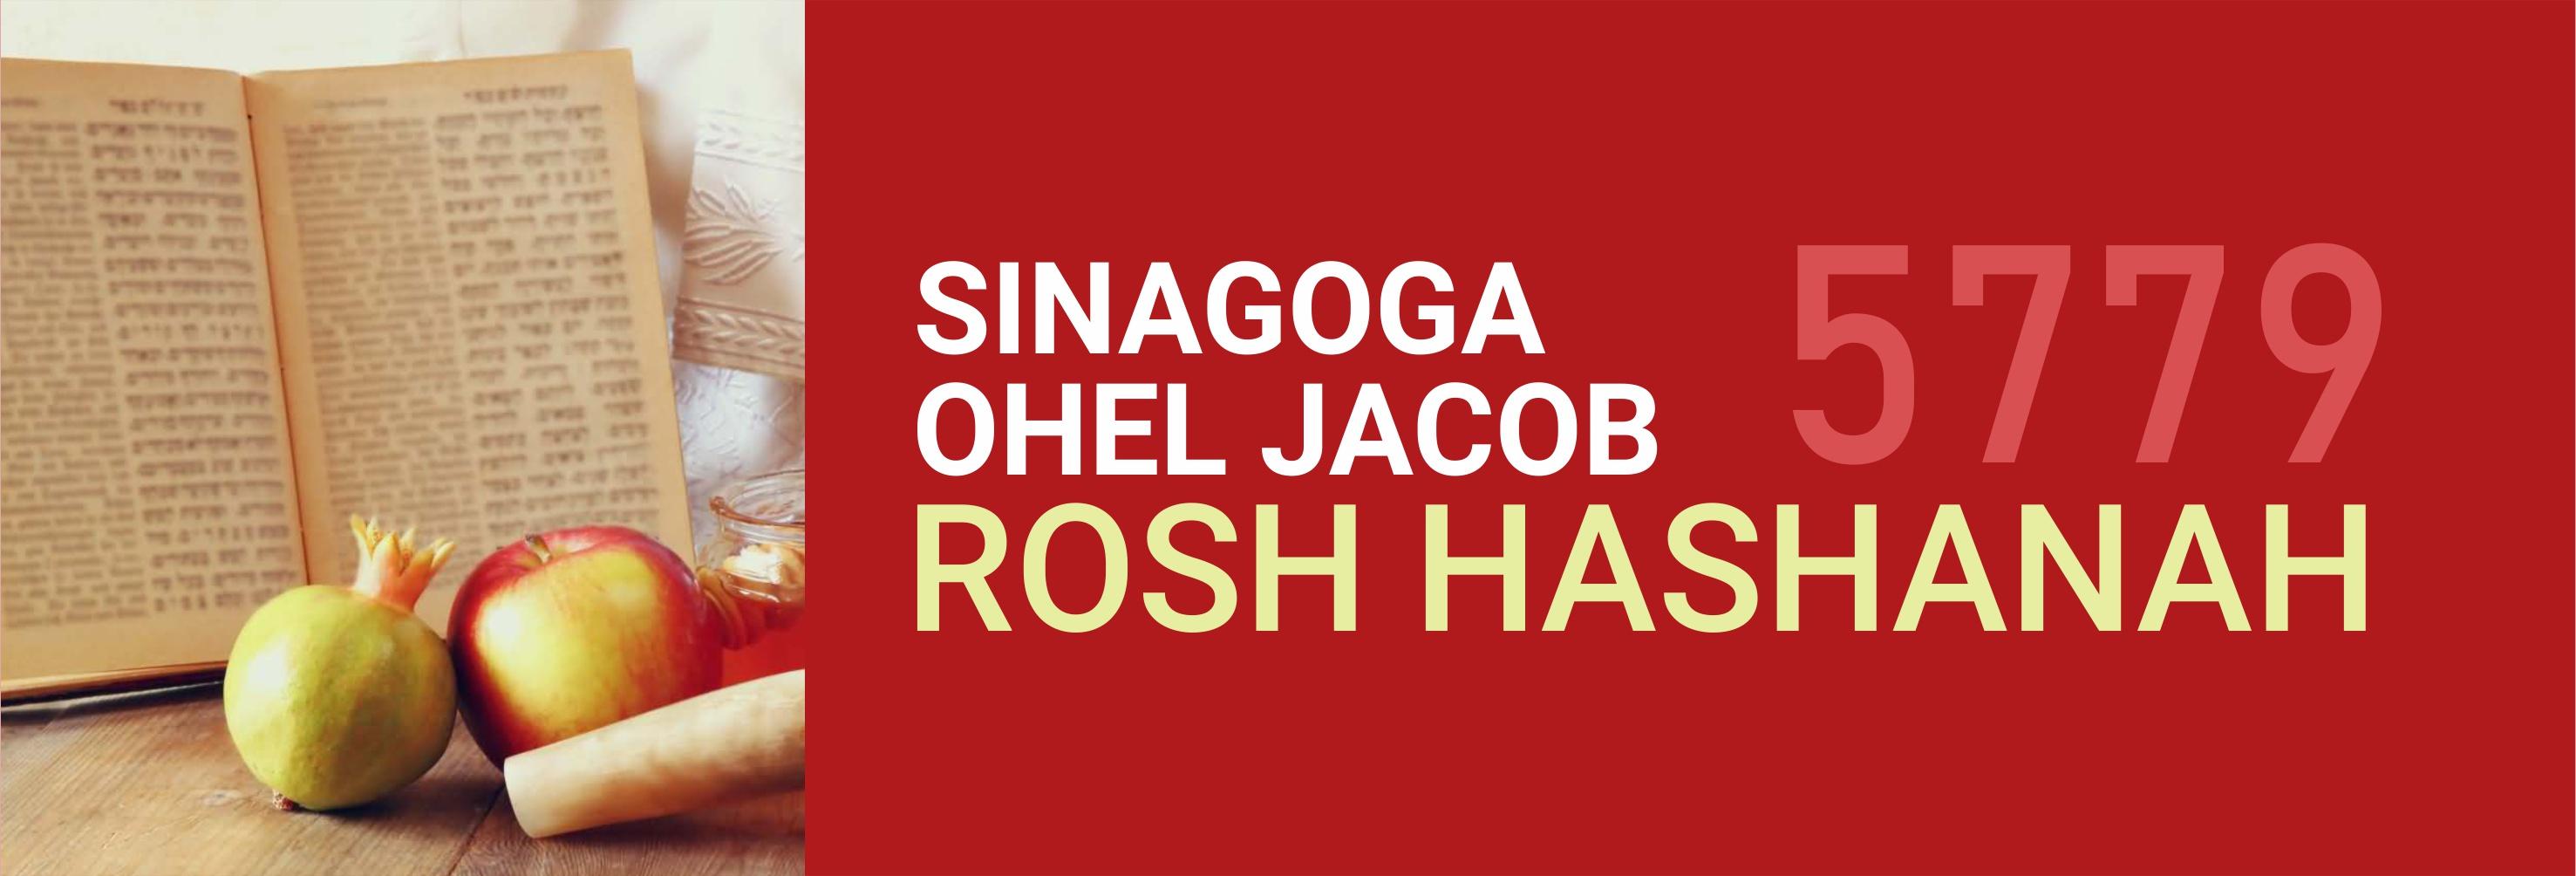 rh pt - Rosh Hashanah 5779